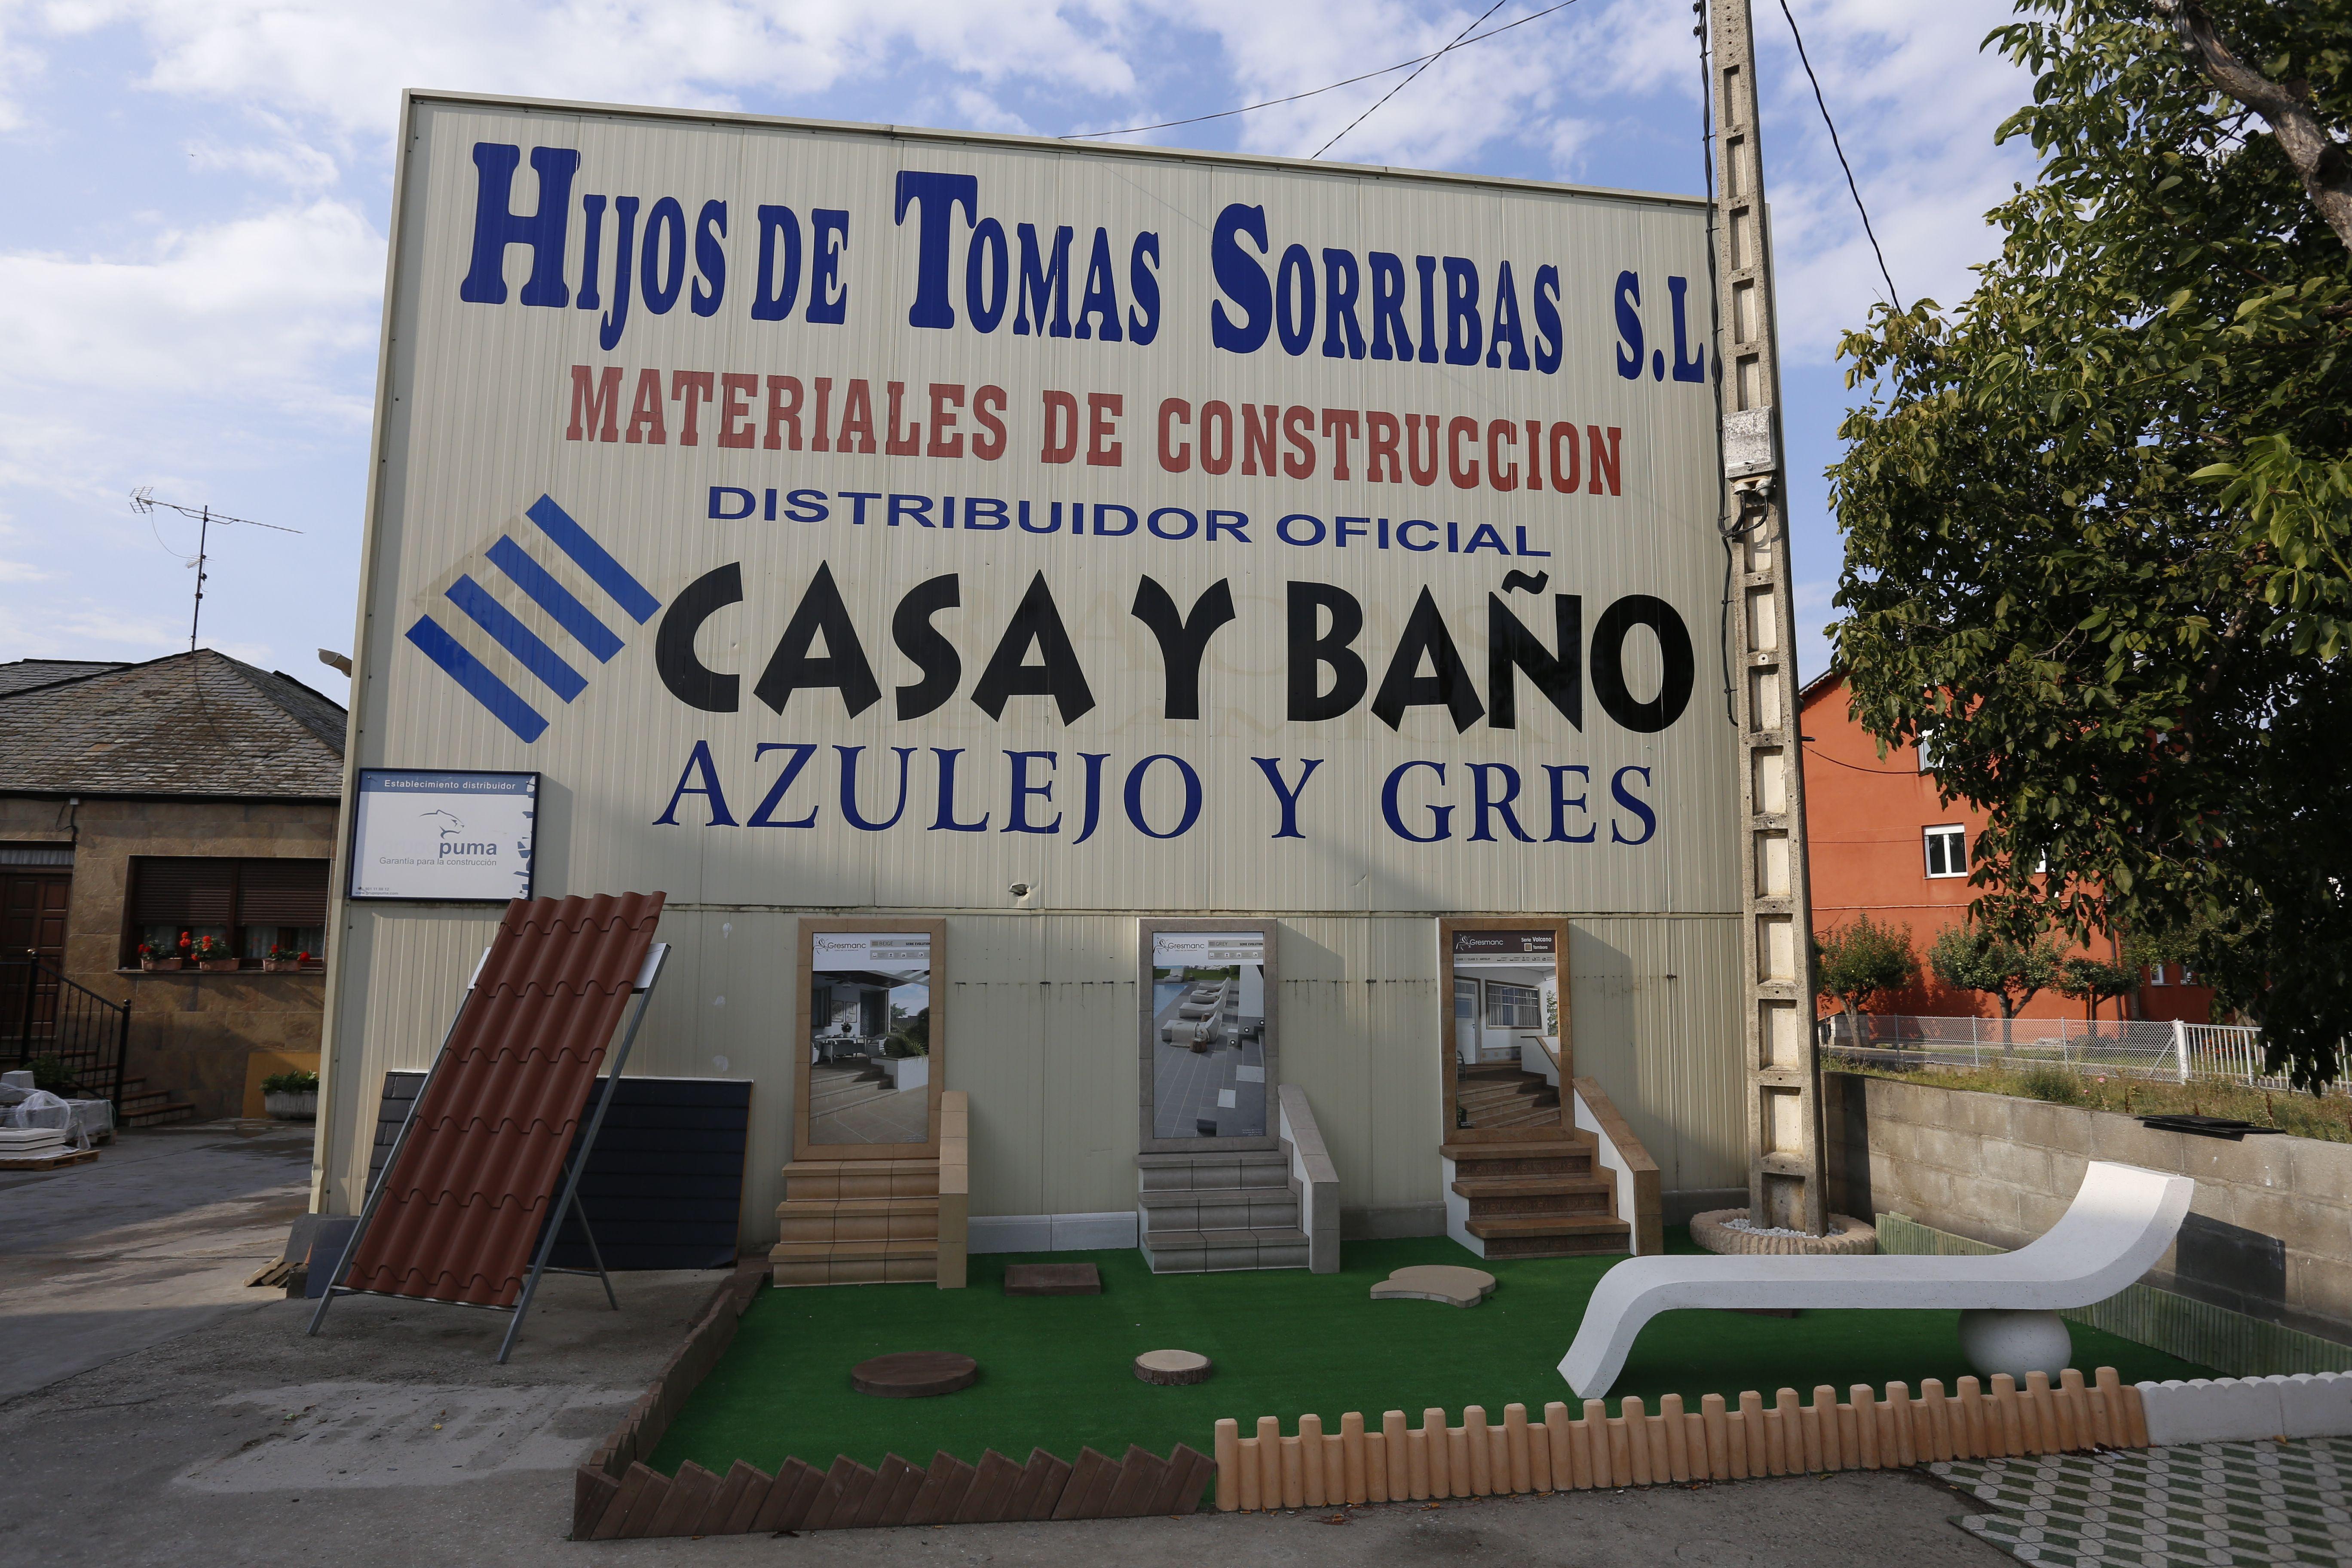 Zona exterior Hijos de Tomás Sorribas, S.L.